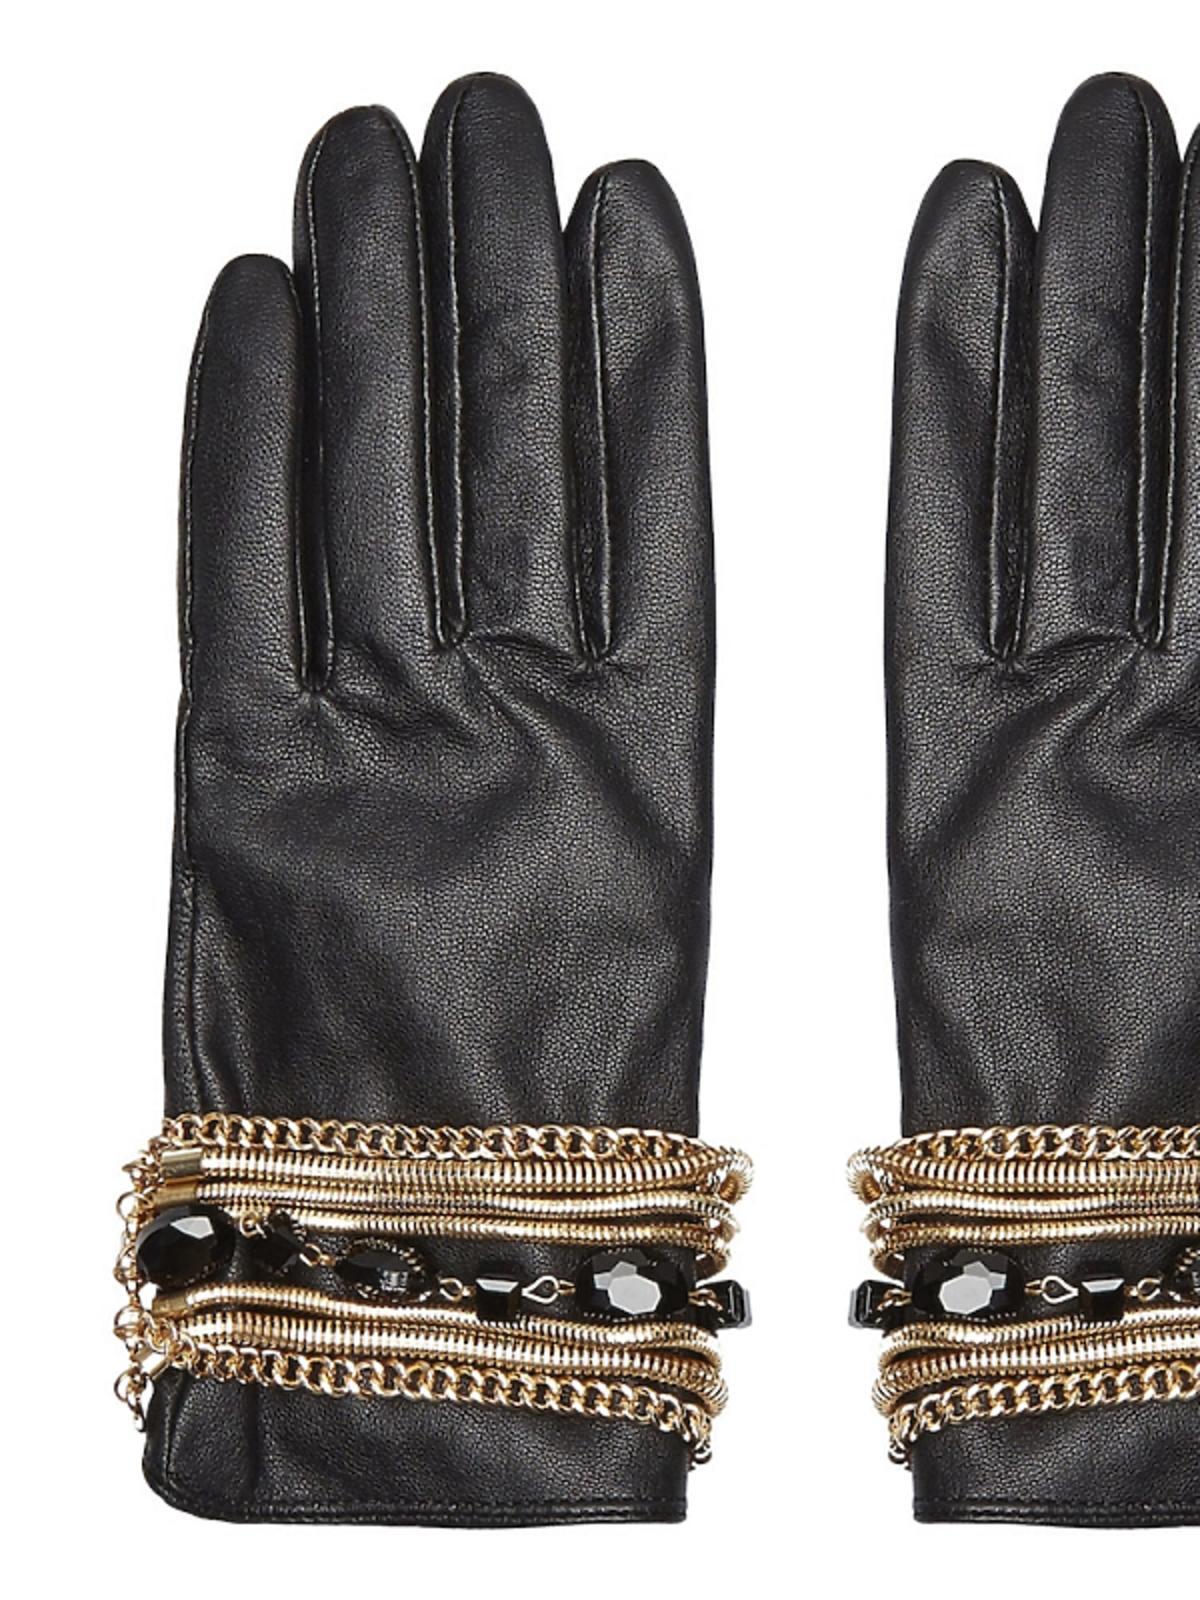 czarnę rękawoczki z ozdobnymi złotymi i czarnymi elementami